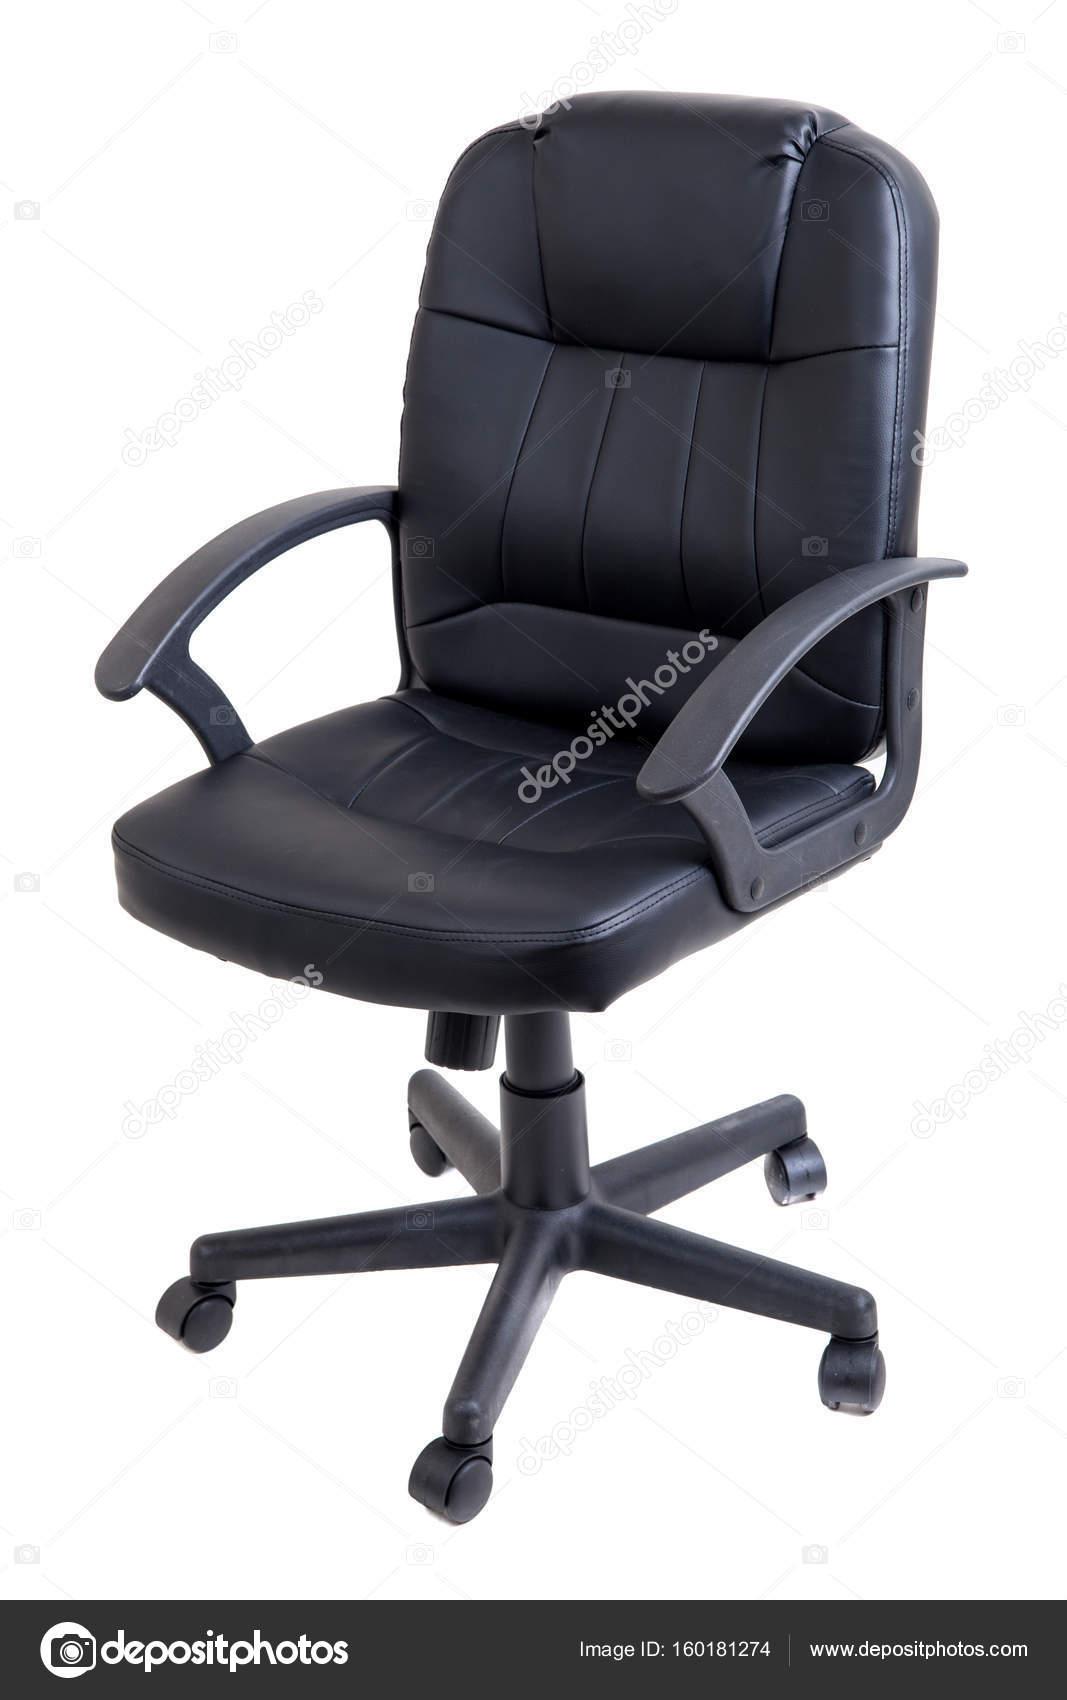 Bureaustoel Stof Zwart.Bureaustoel Stof Zwart Leer Geisoleerd Op Wit Stockfoto C Dechevm